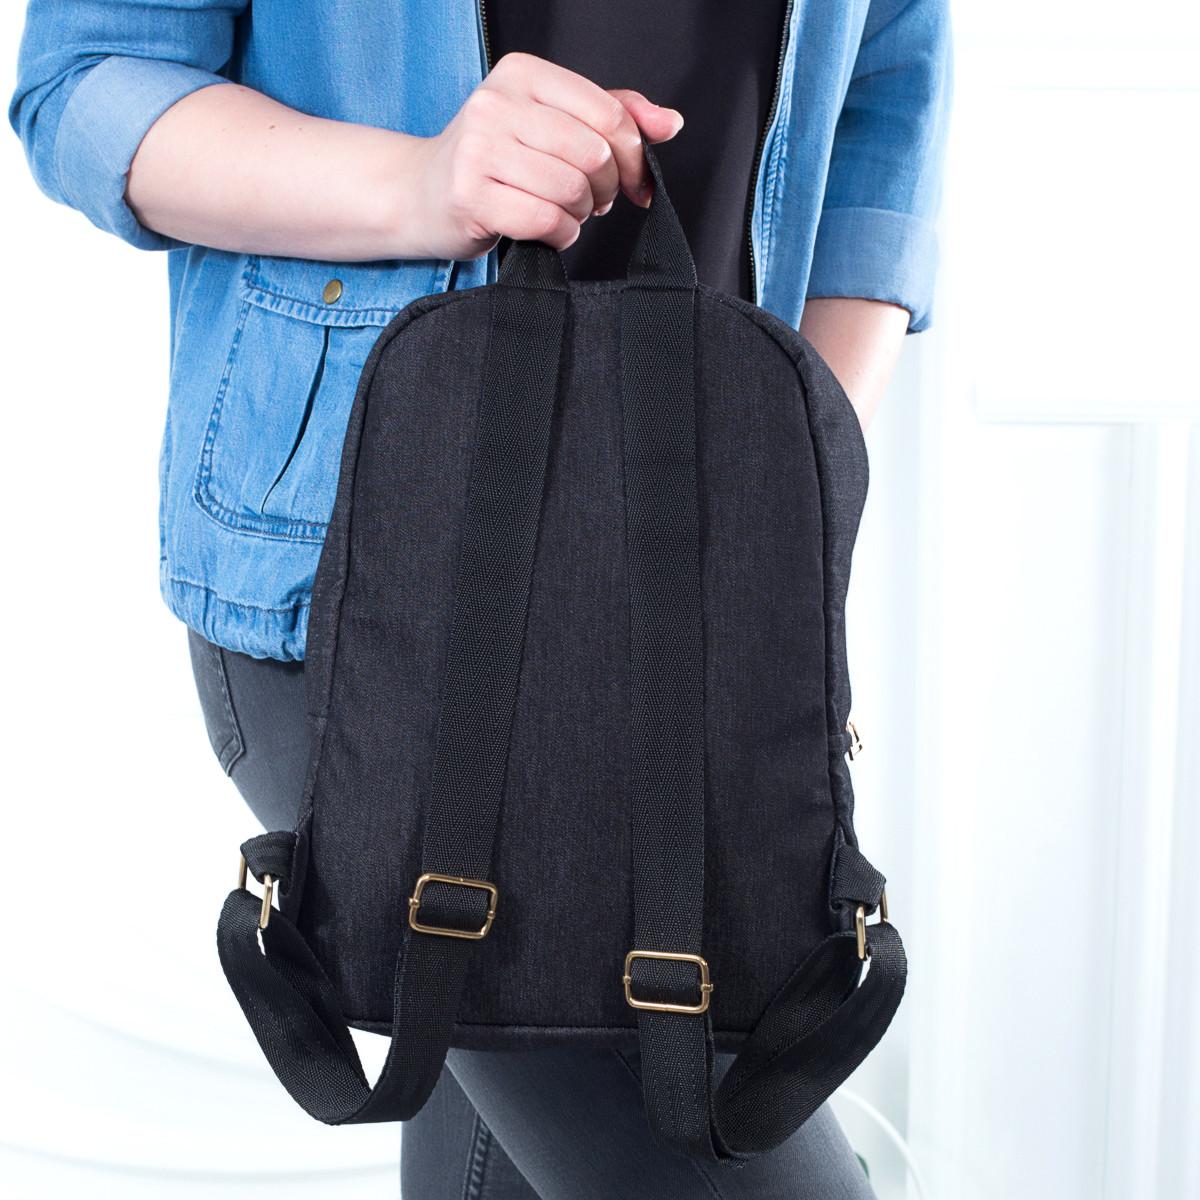 Стильный женский джинсовый рюкзак Mayers с логотипом, фото 2